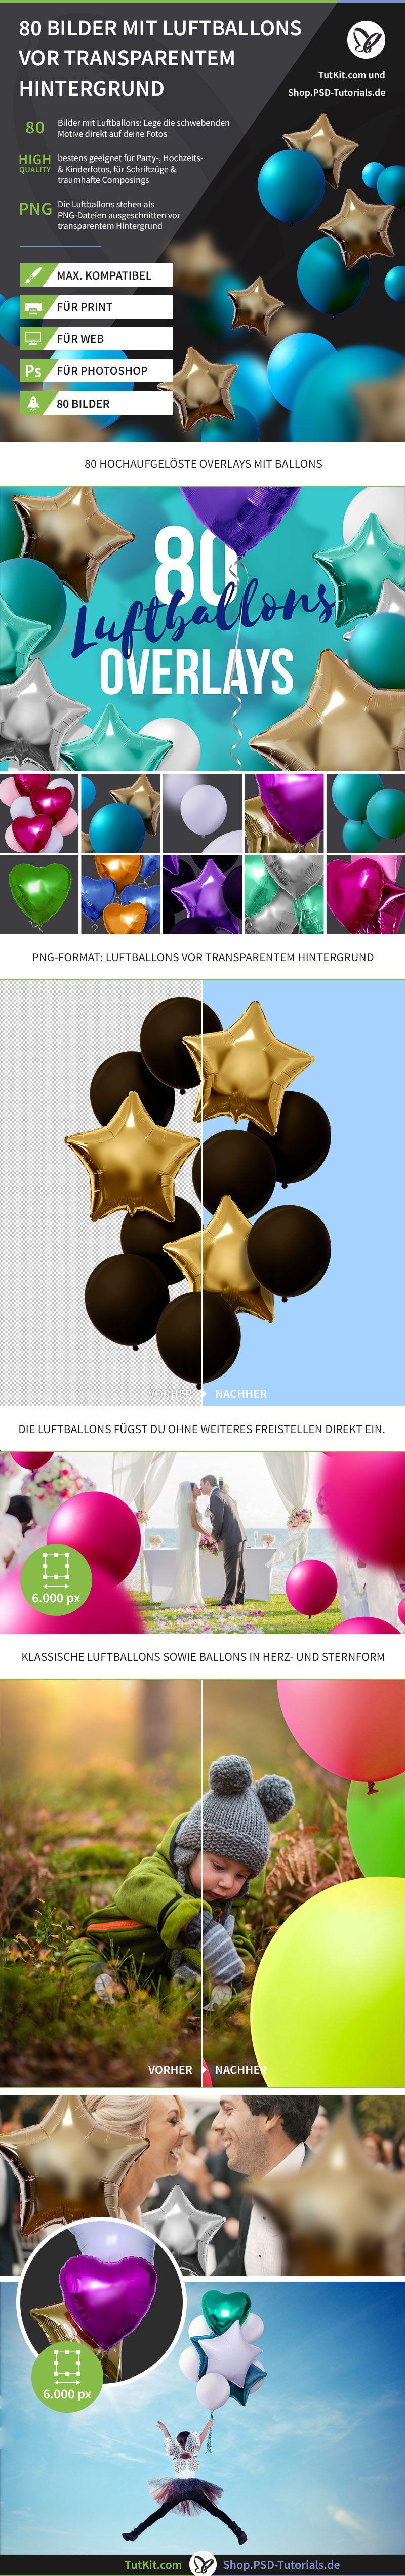 80 bilder mit bunten luftballons vor transparentem